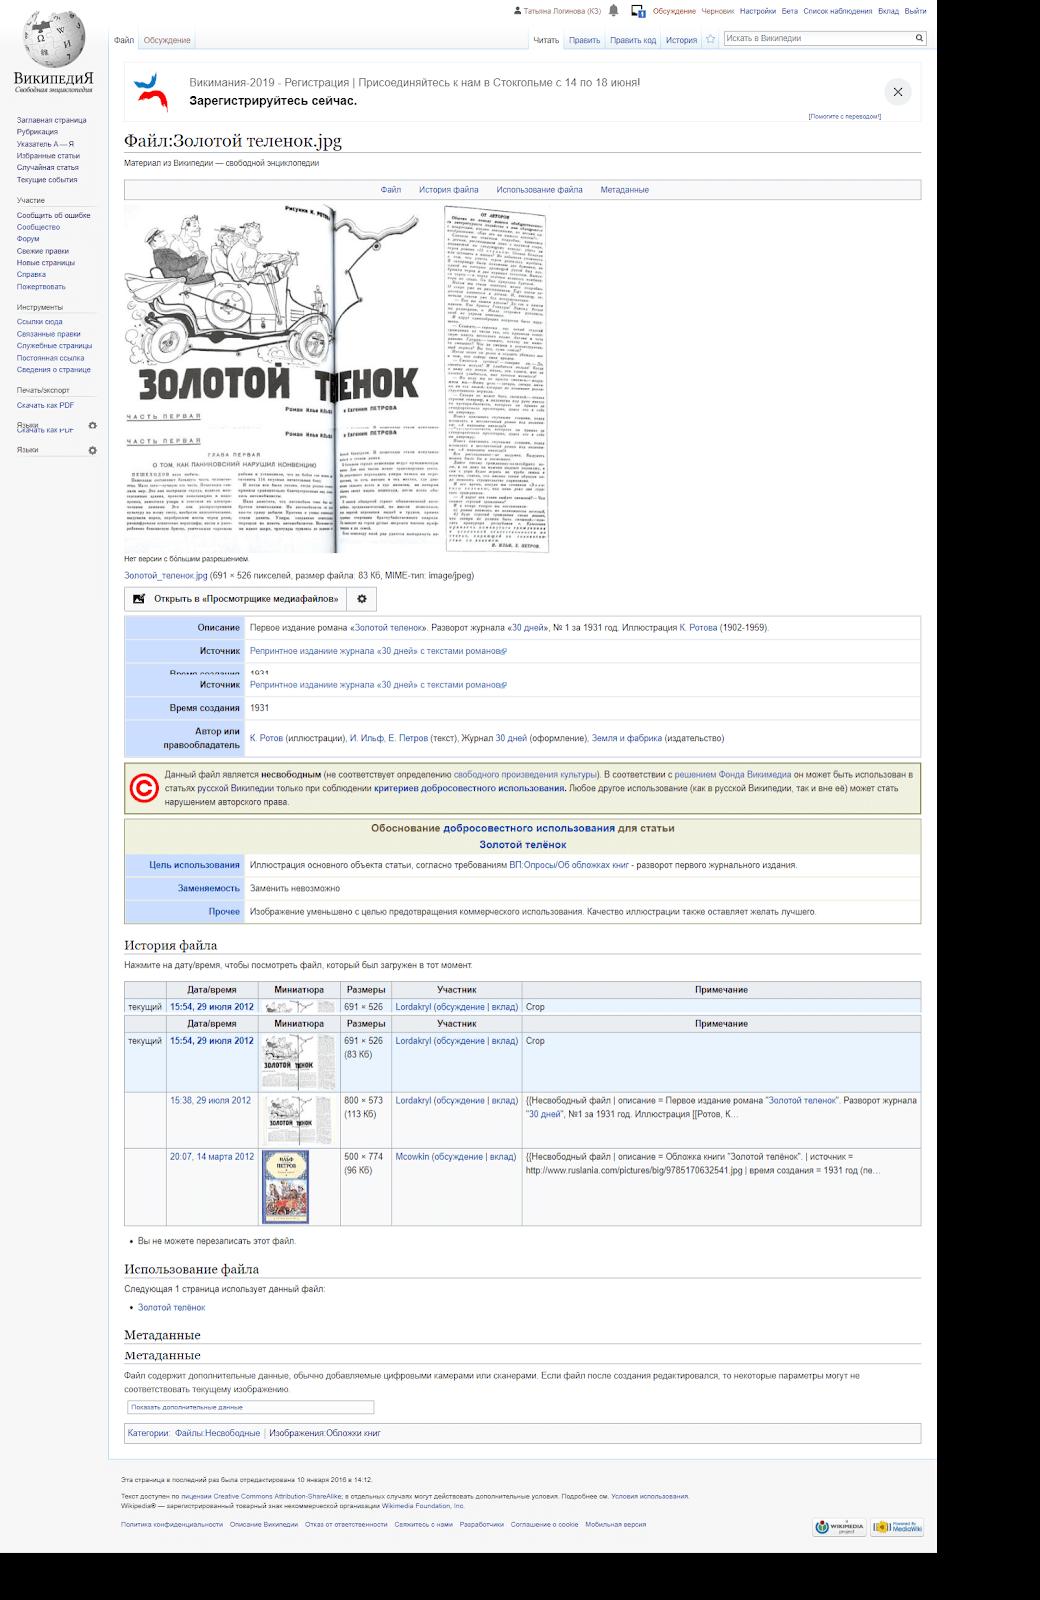 страница изображения в википедии